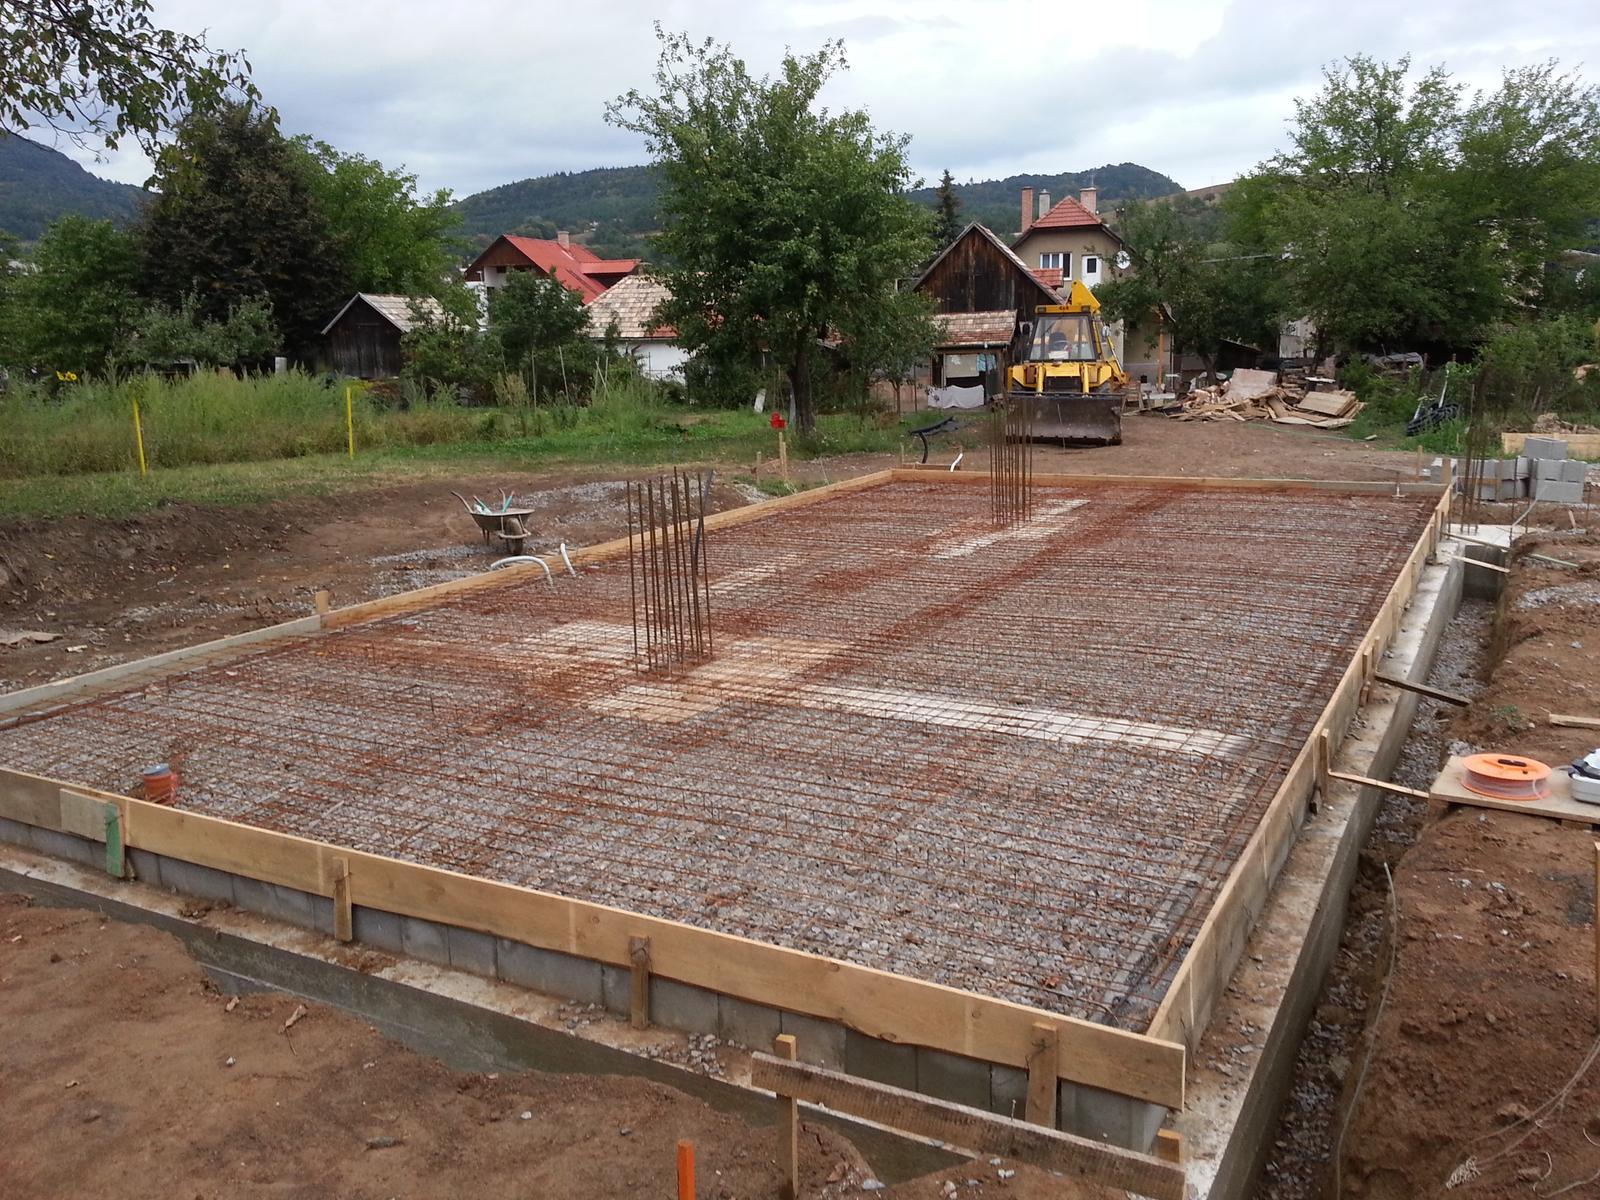 Pasívny dom svojpomocne - Debnenie zarovnané cez Nivcomp, výškový rozdiel po zaliatí vznikol na stranách max. 2 mm